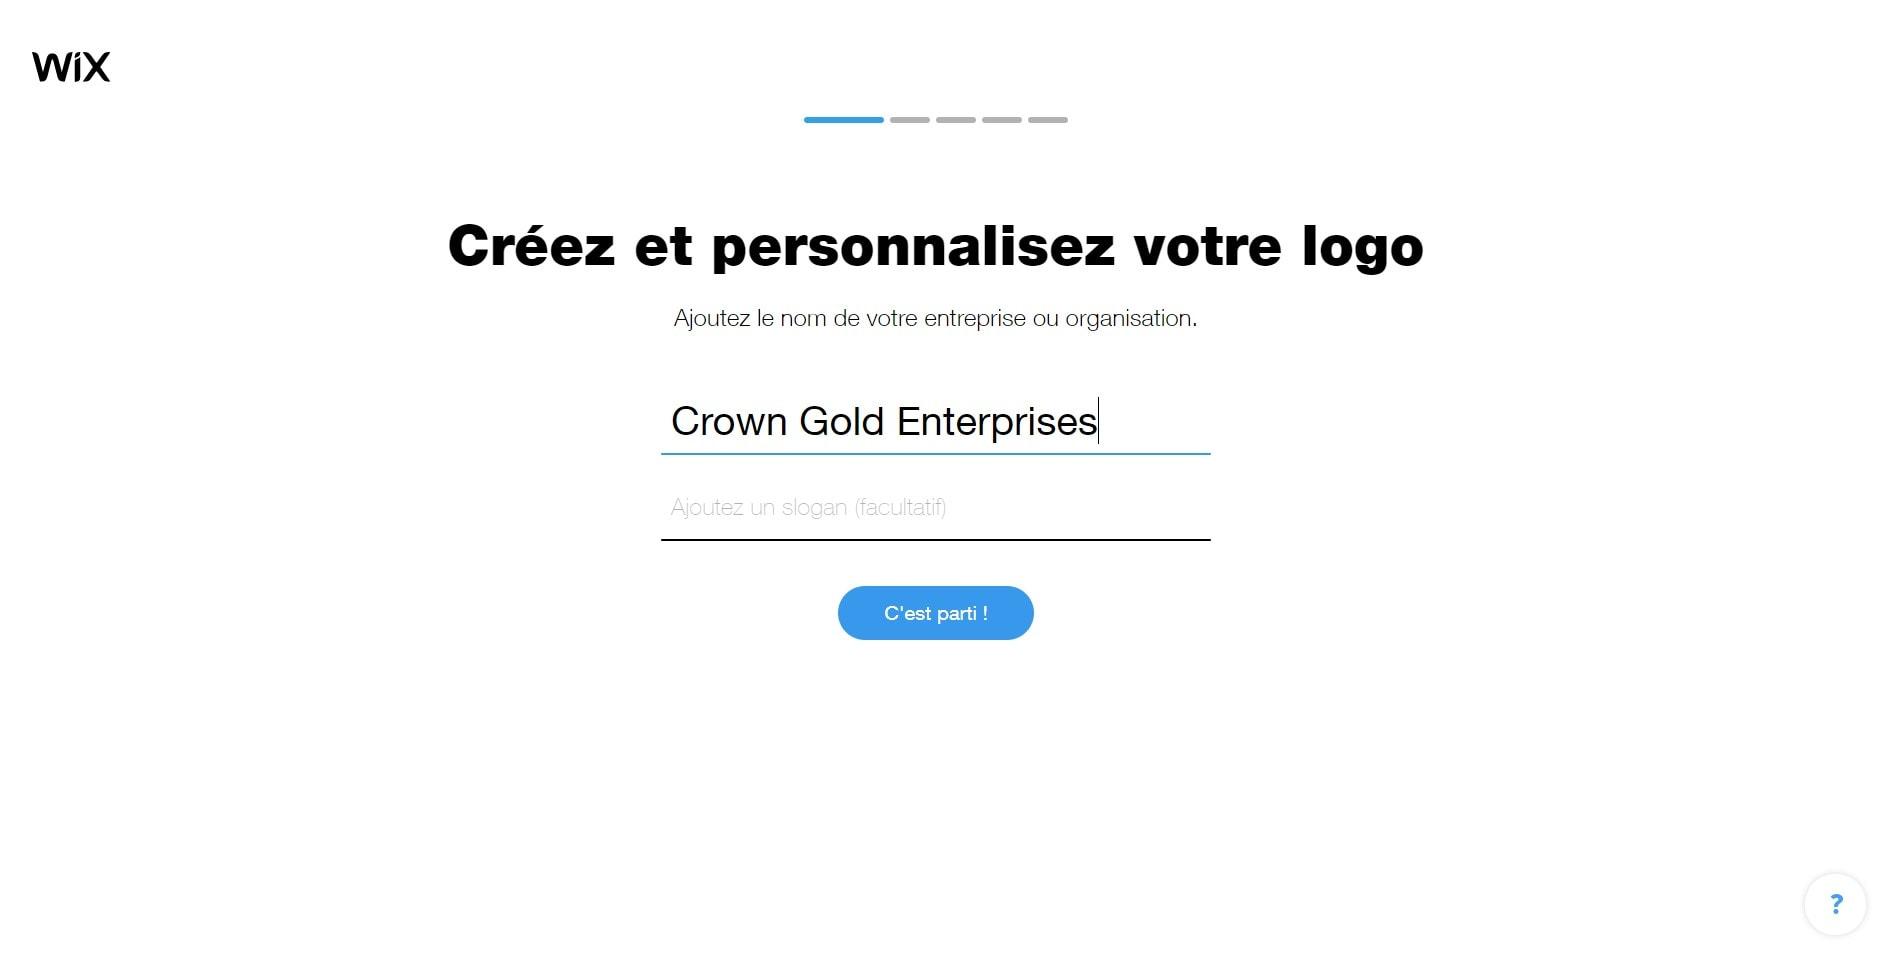 Les 9 meilleurs logos couronne et comment créer le vôtre gratuitement en [2020]